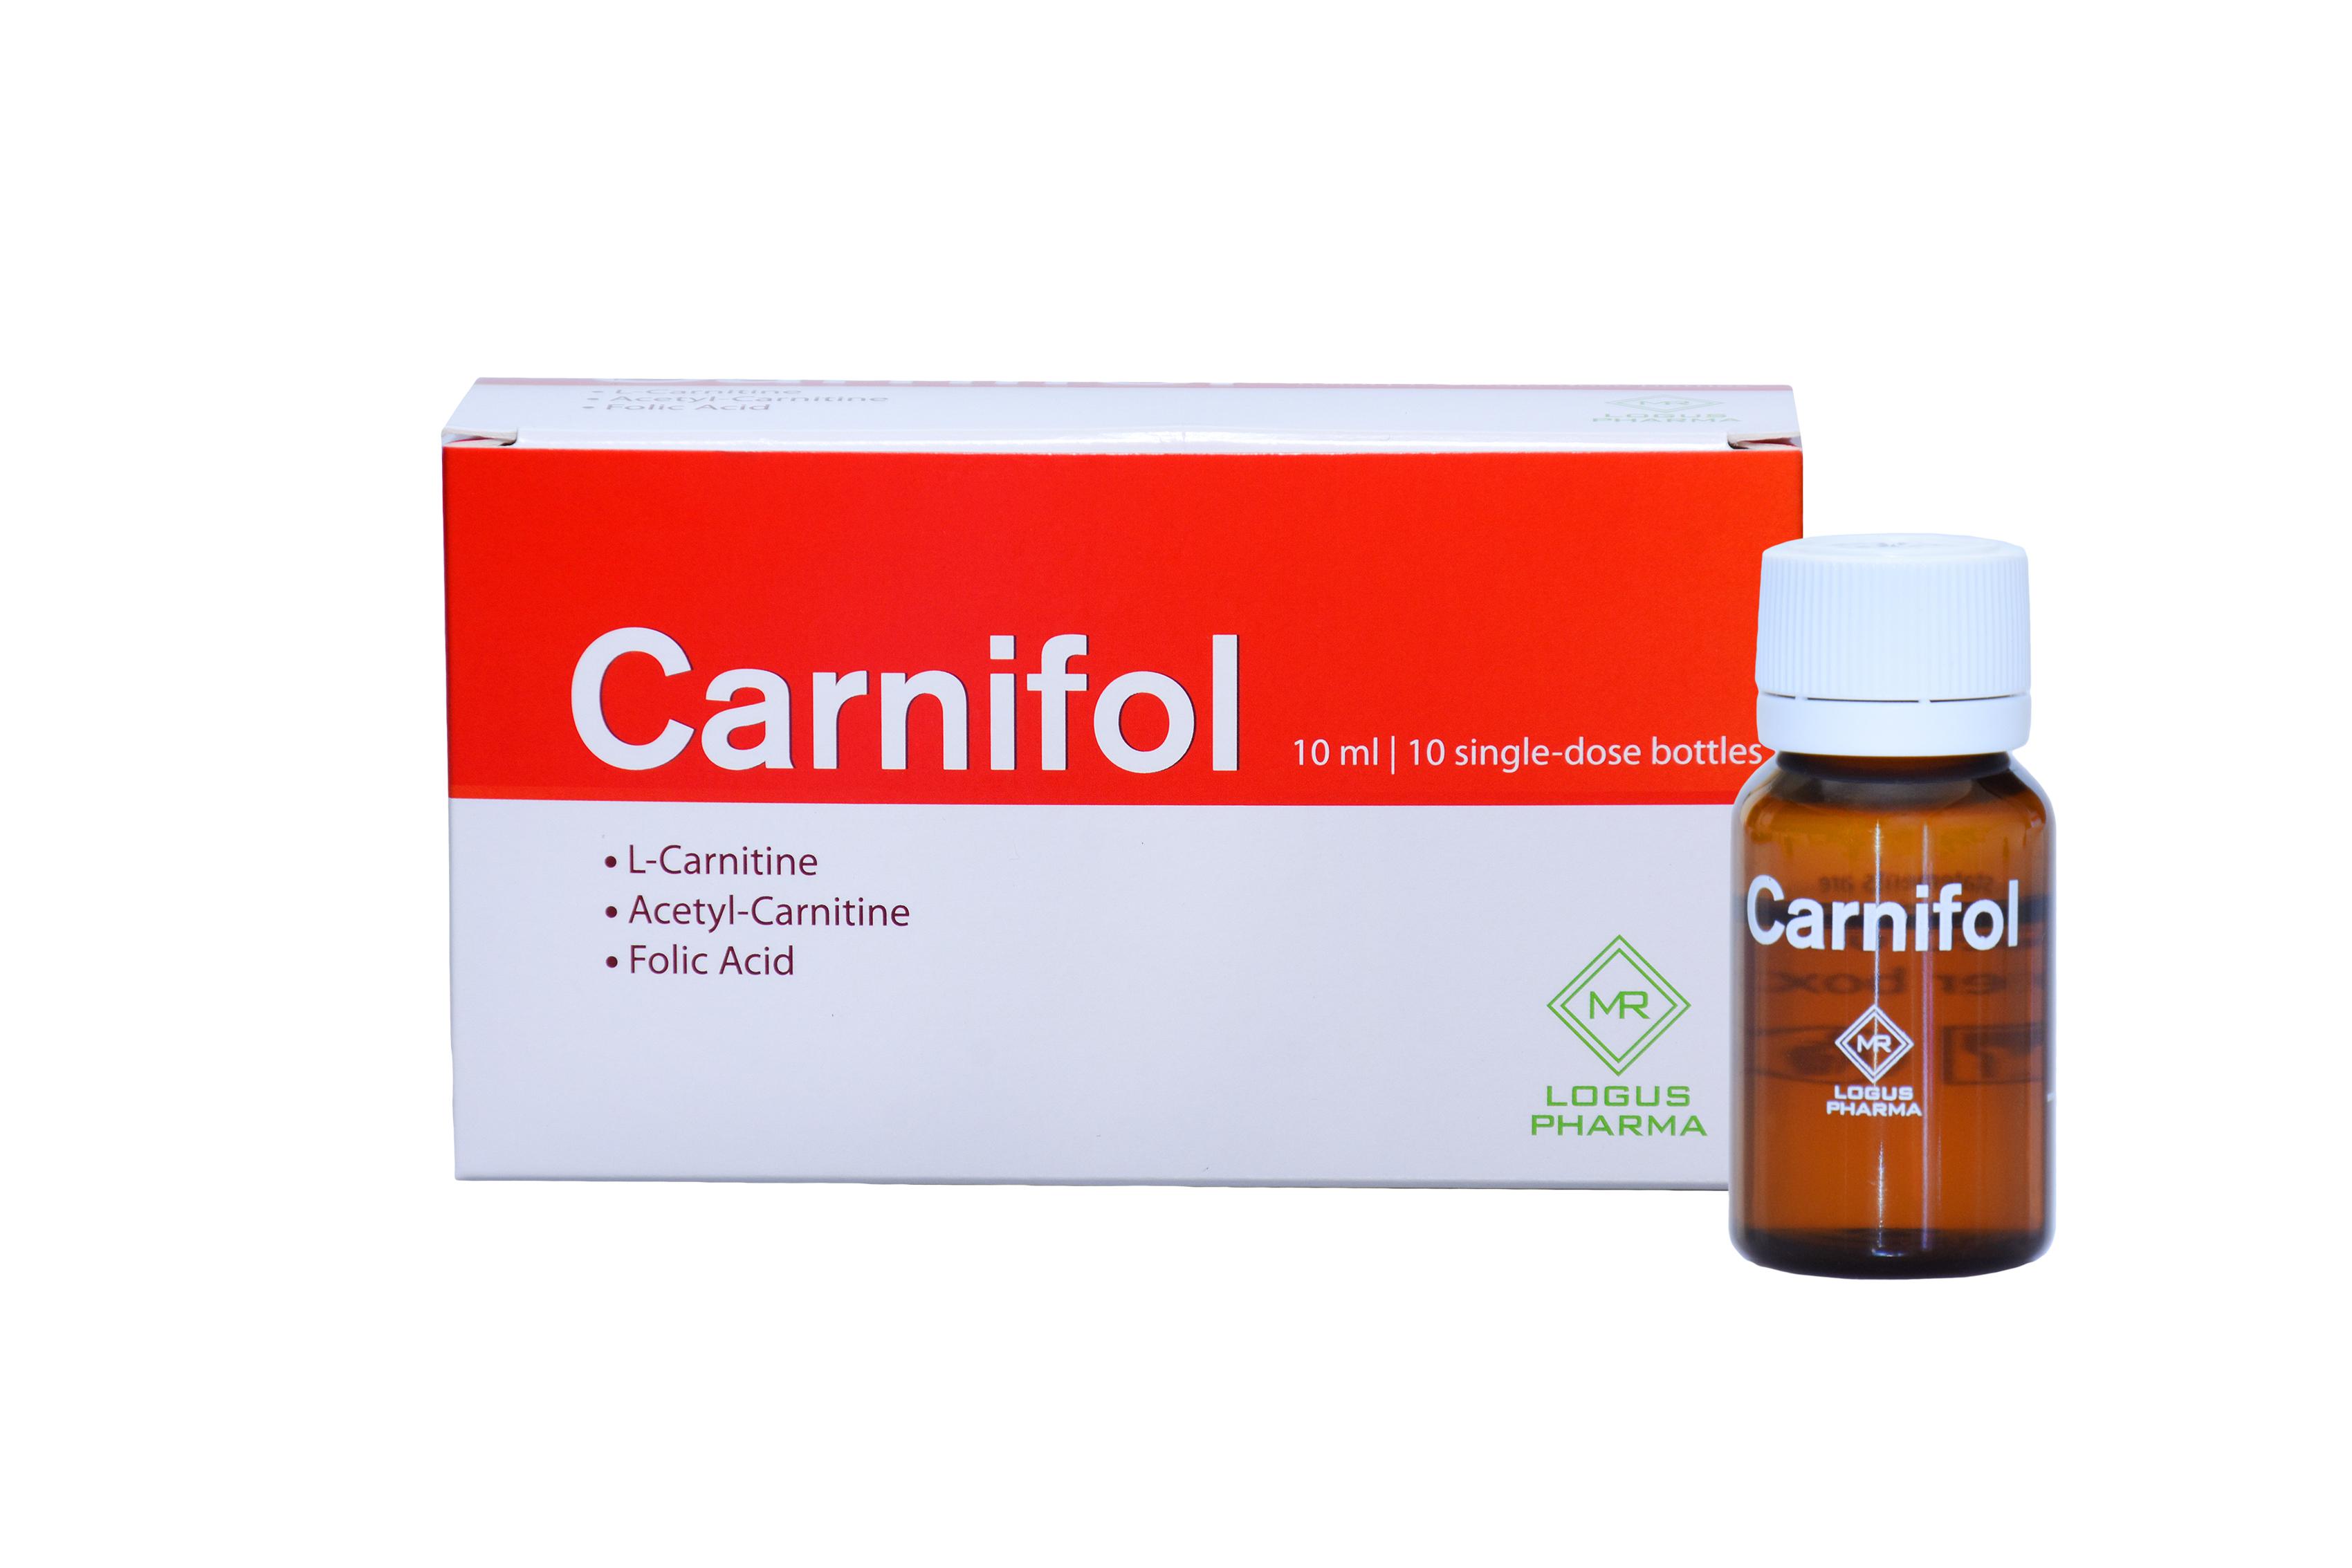 კარნიფოლი / Carnifol